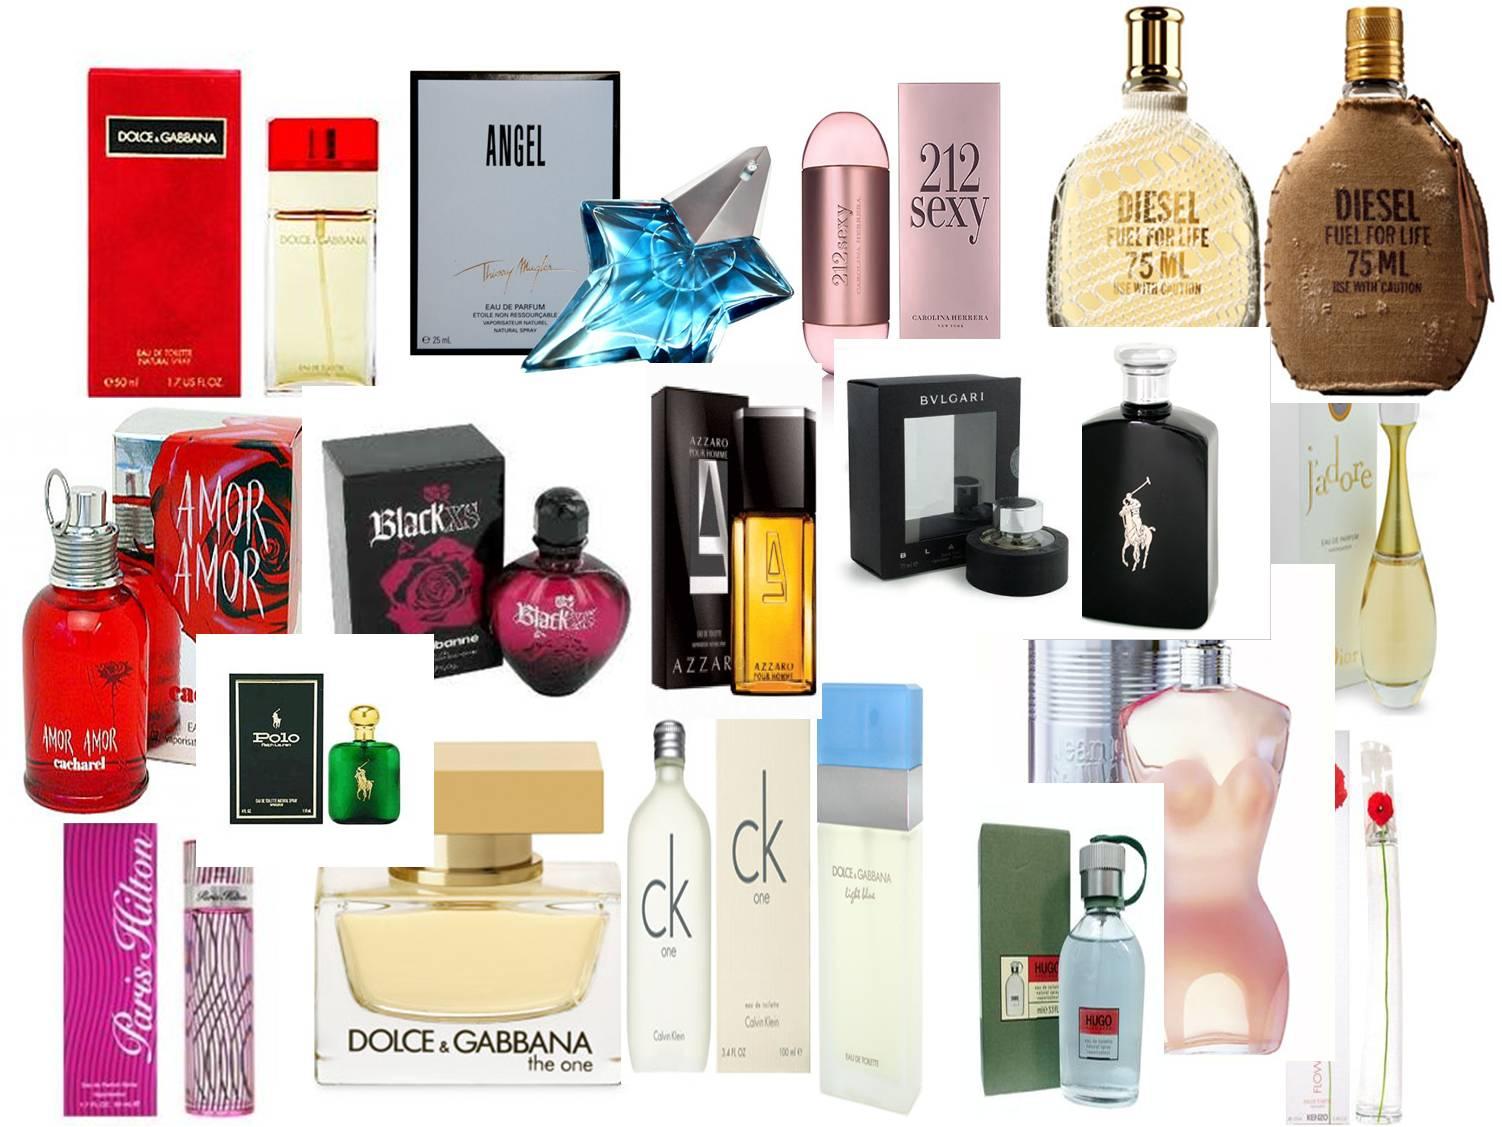 бренды парфюма в картинках сами себя защитить